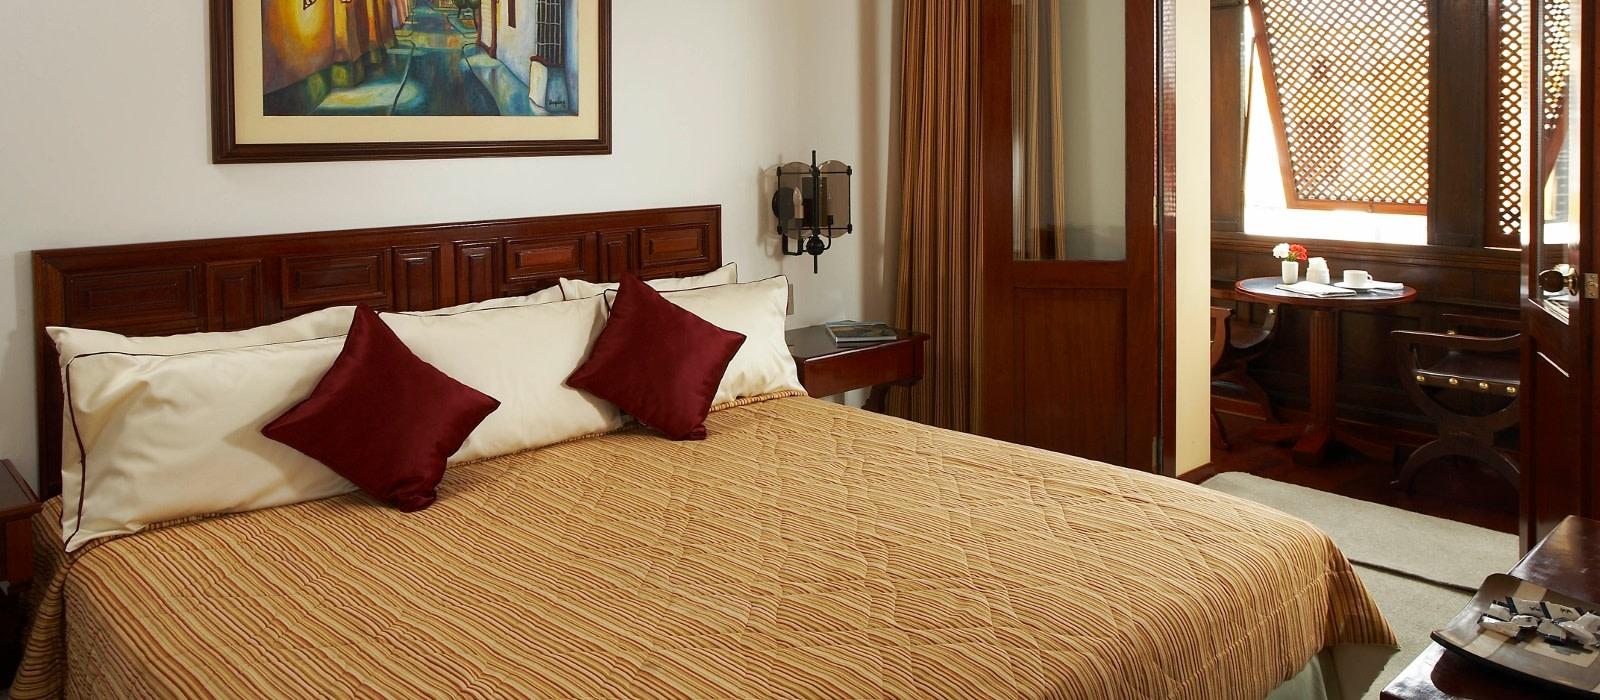 Hotel Libertador Trujillo Peru